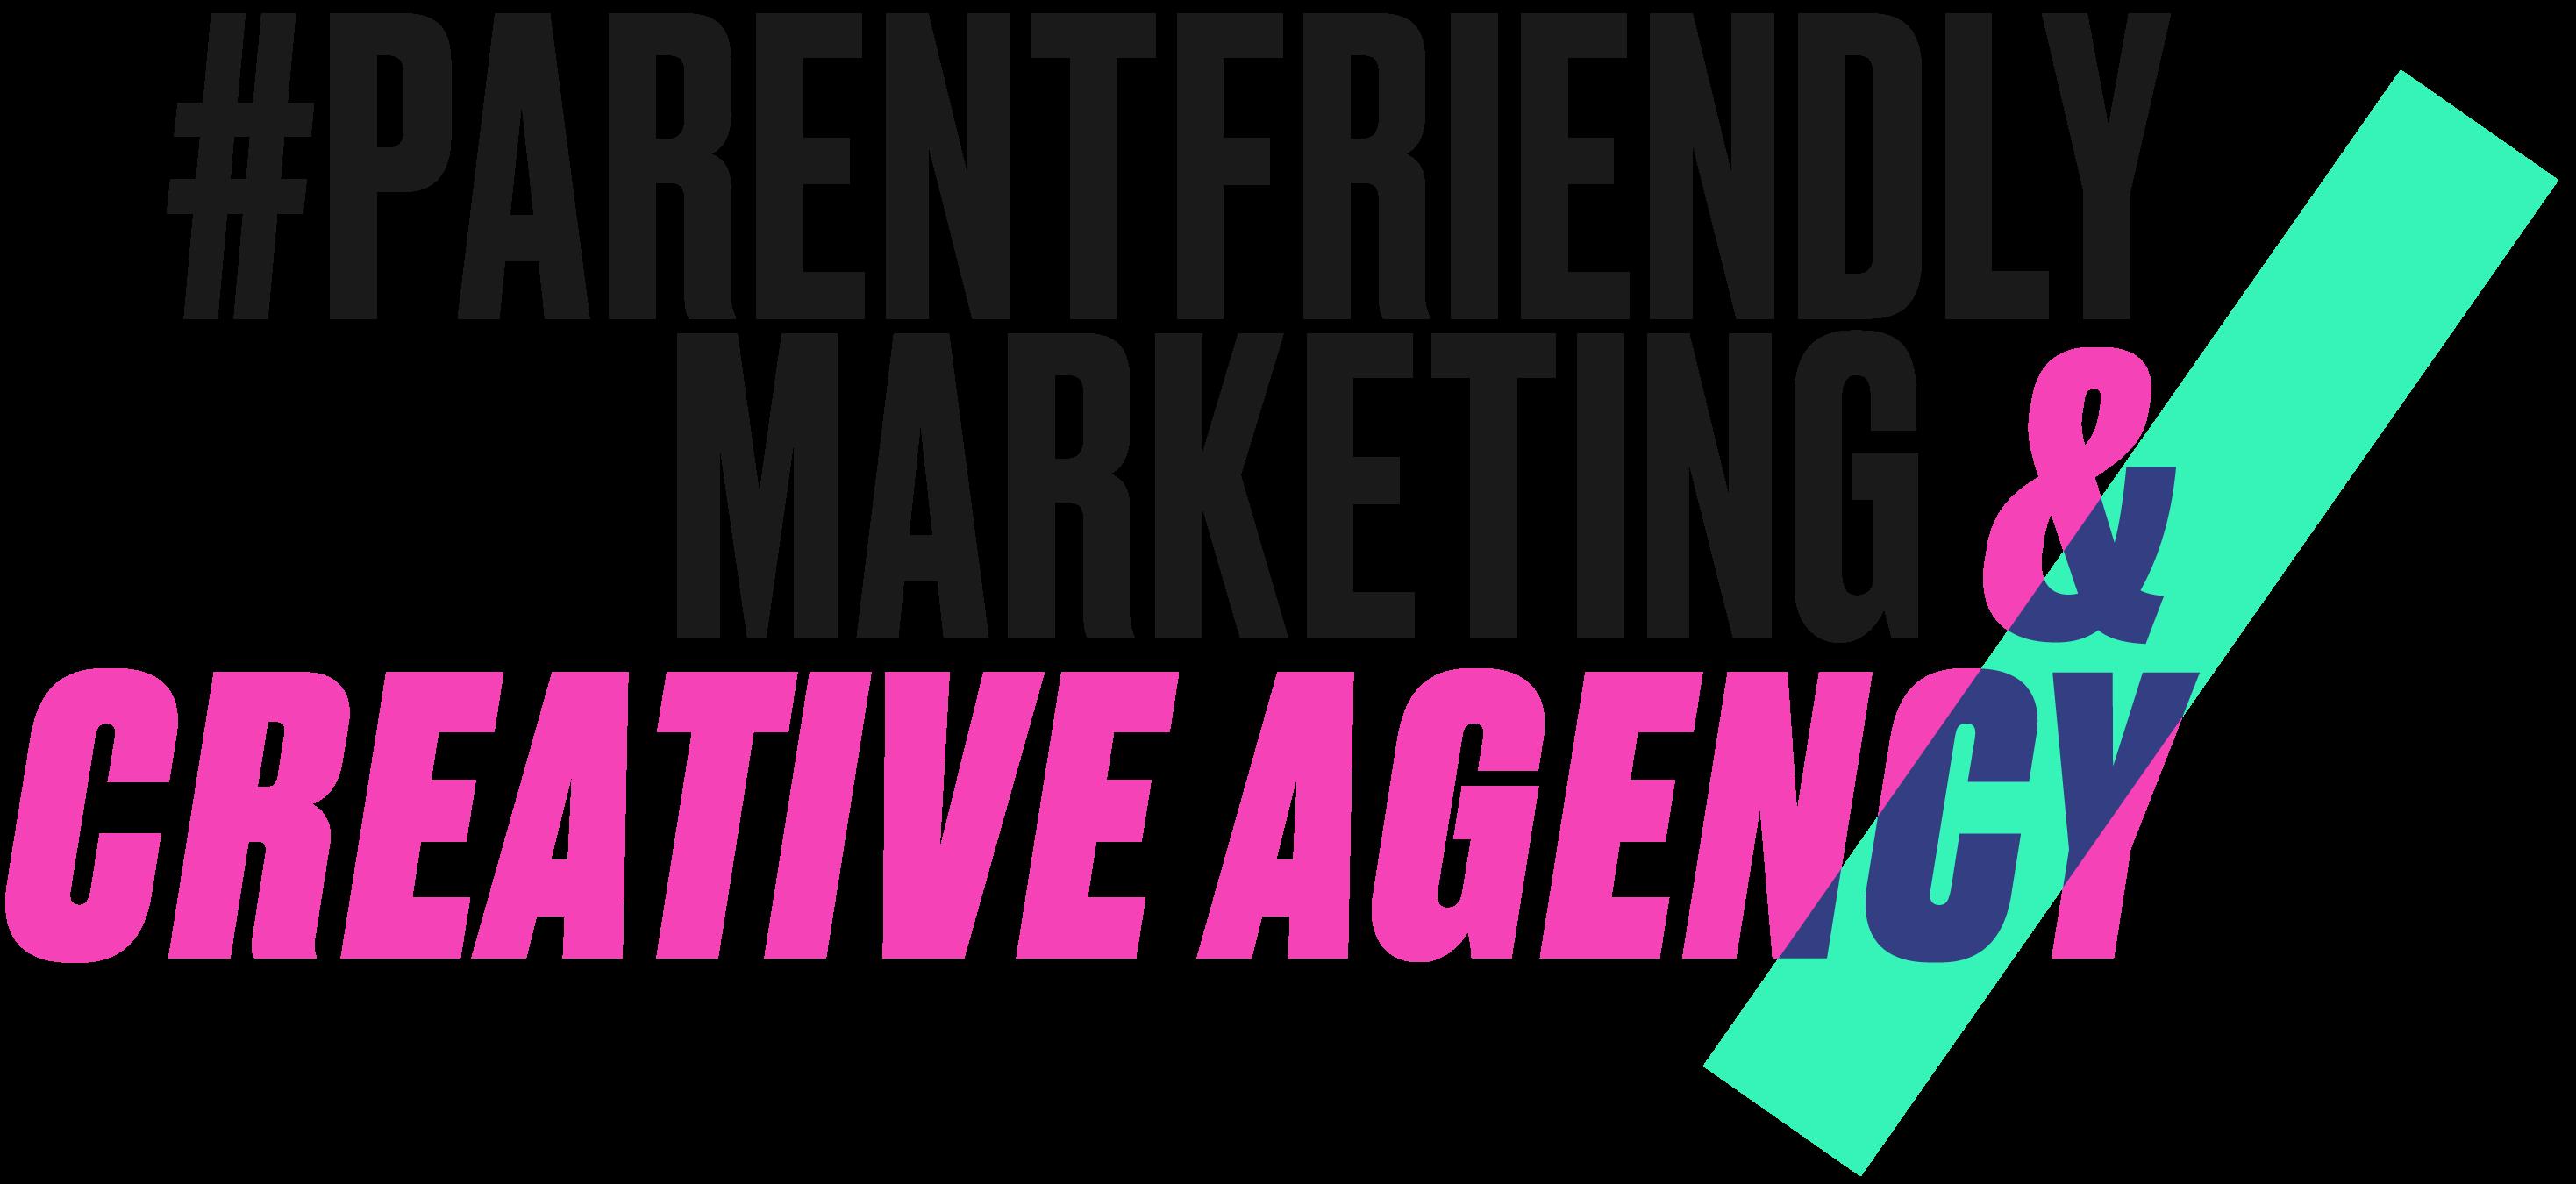 #parentfriendly marketing & creative agency